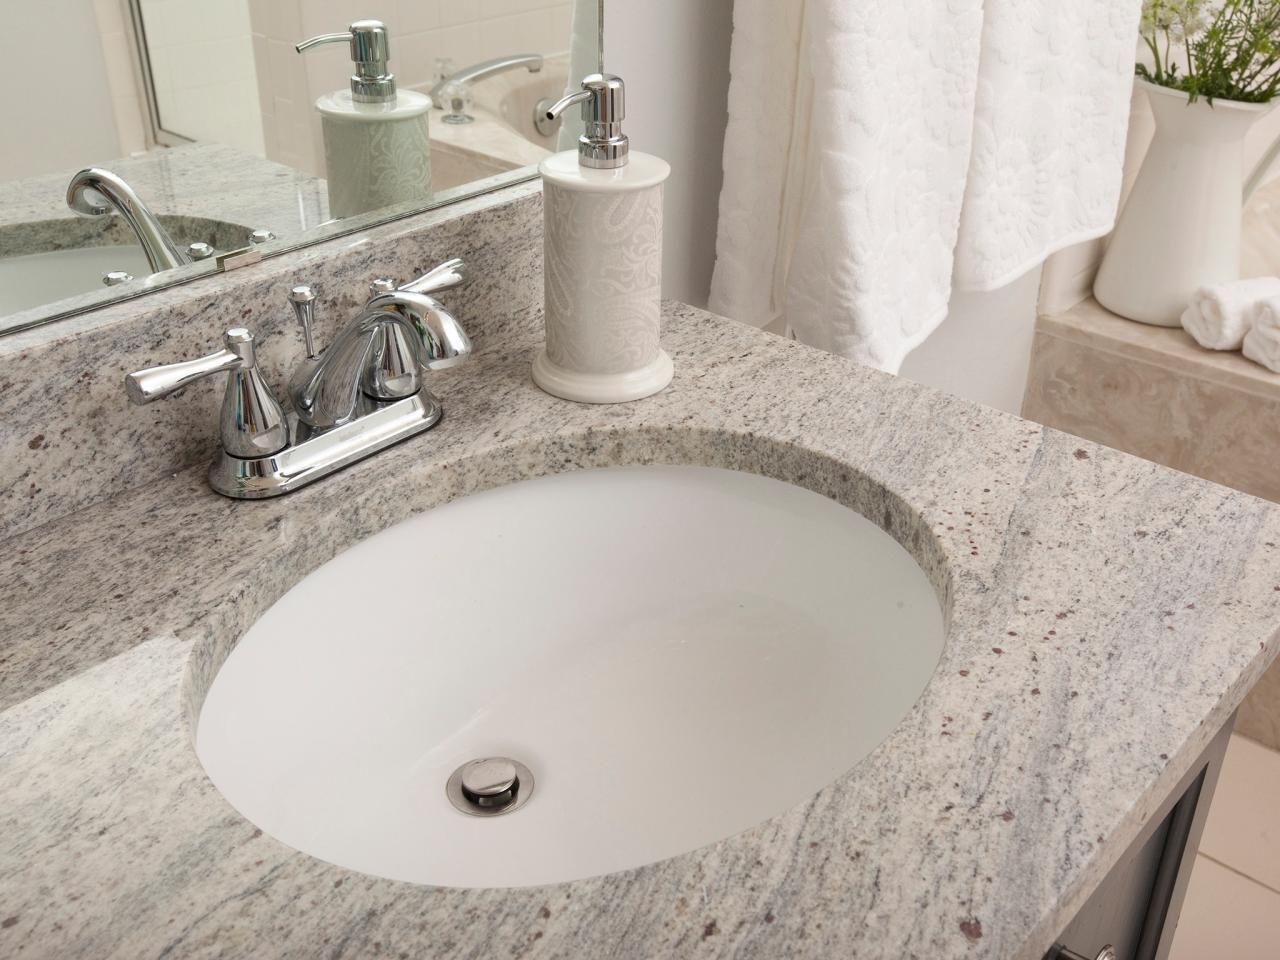 Images On Bathroom sinks granite countertops